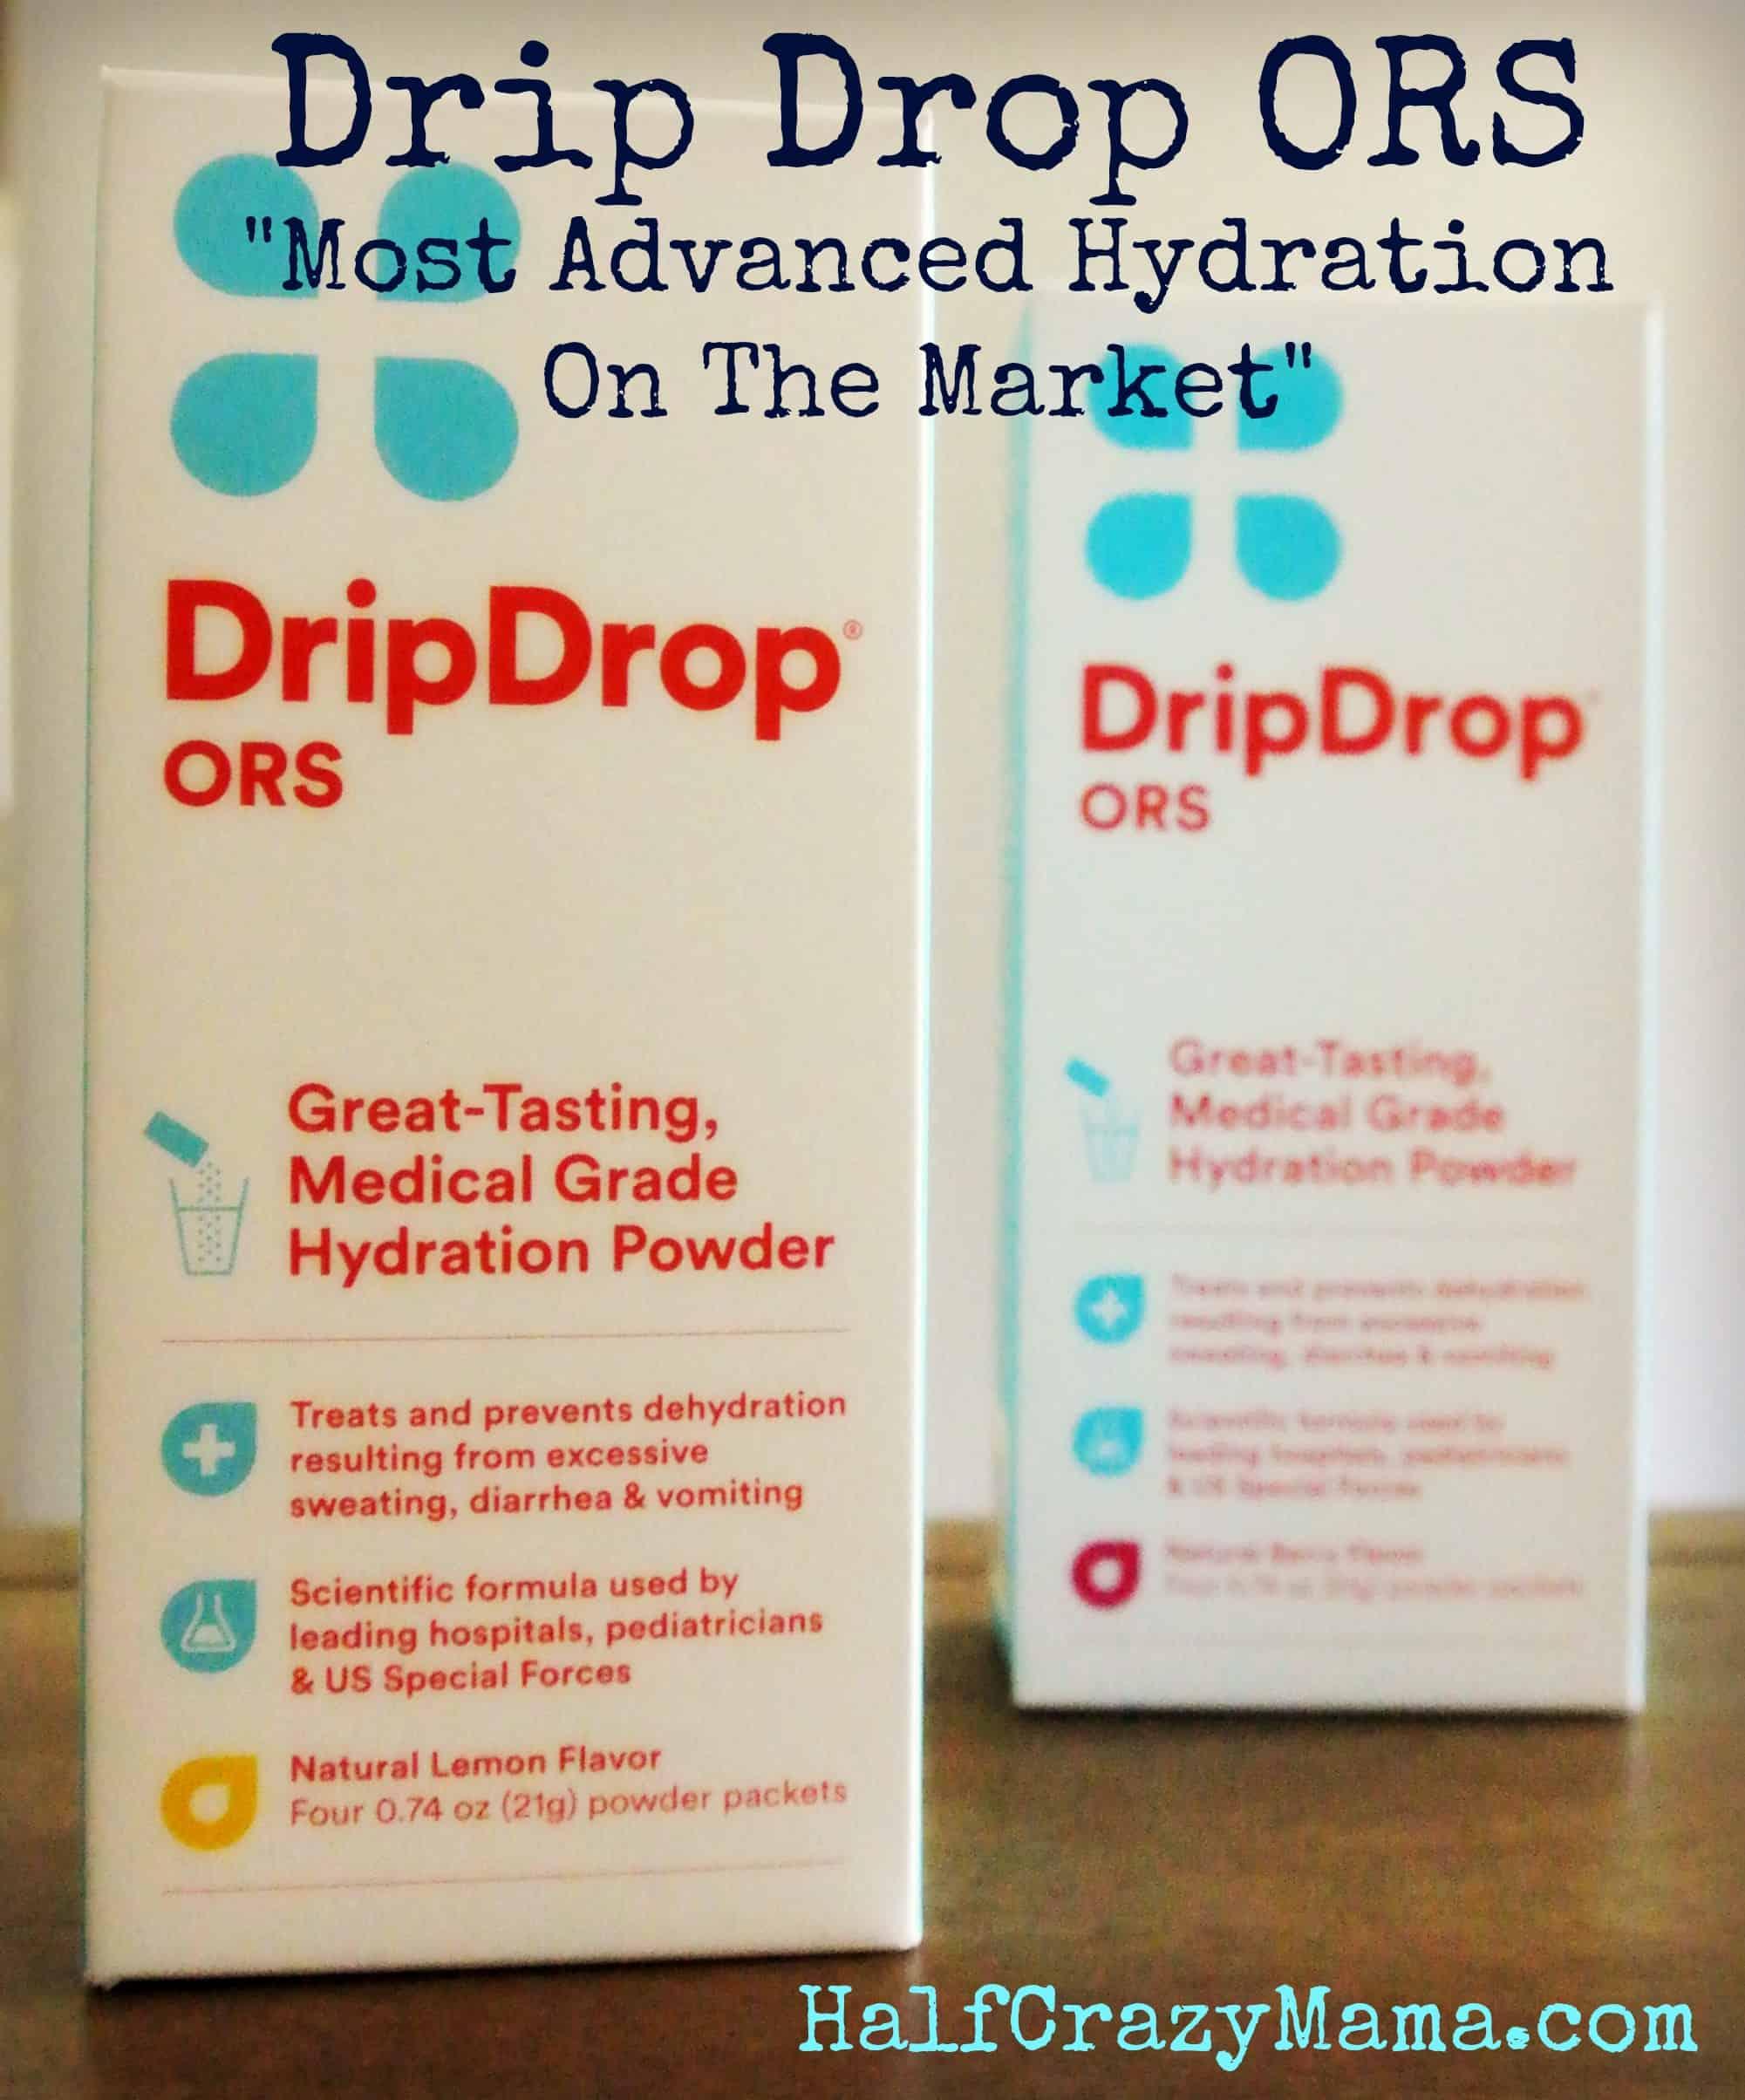 drip drop title